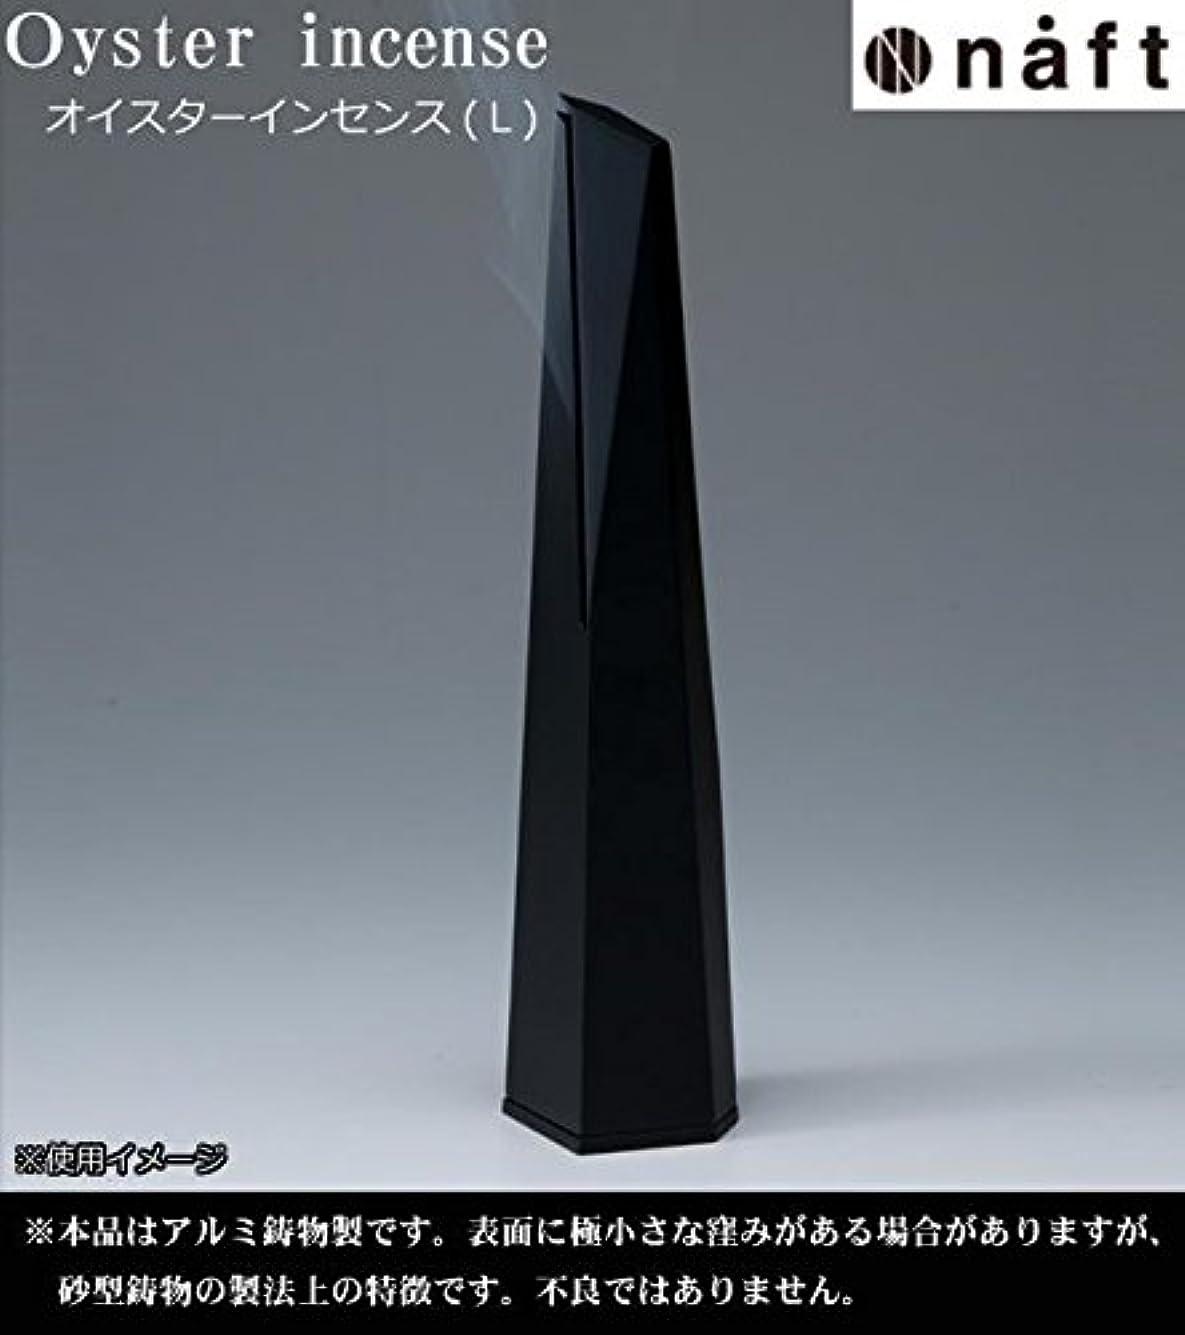 嵐荒野教育学naft Oyster incense オイスターインセンス 香炉 Lサイズ ブラック